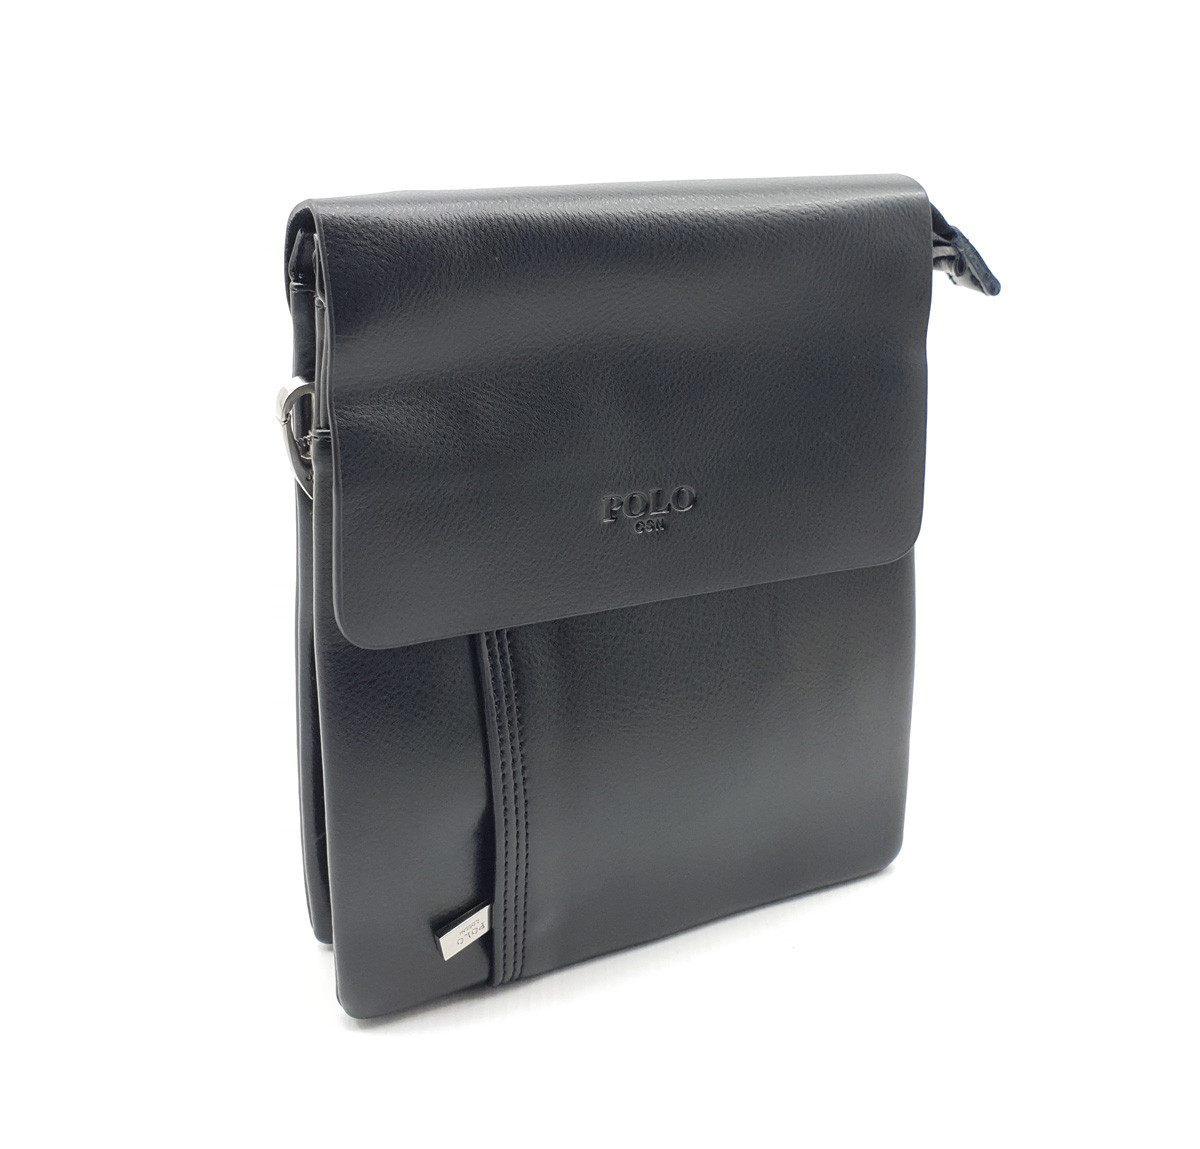 Мужская сумка POLO из качественной кожи PU(b372-2)